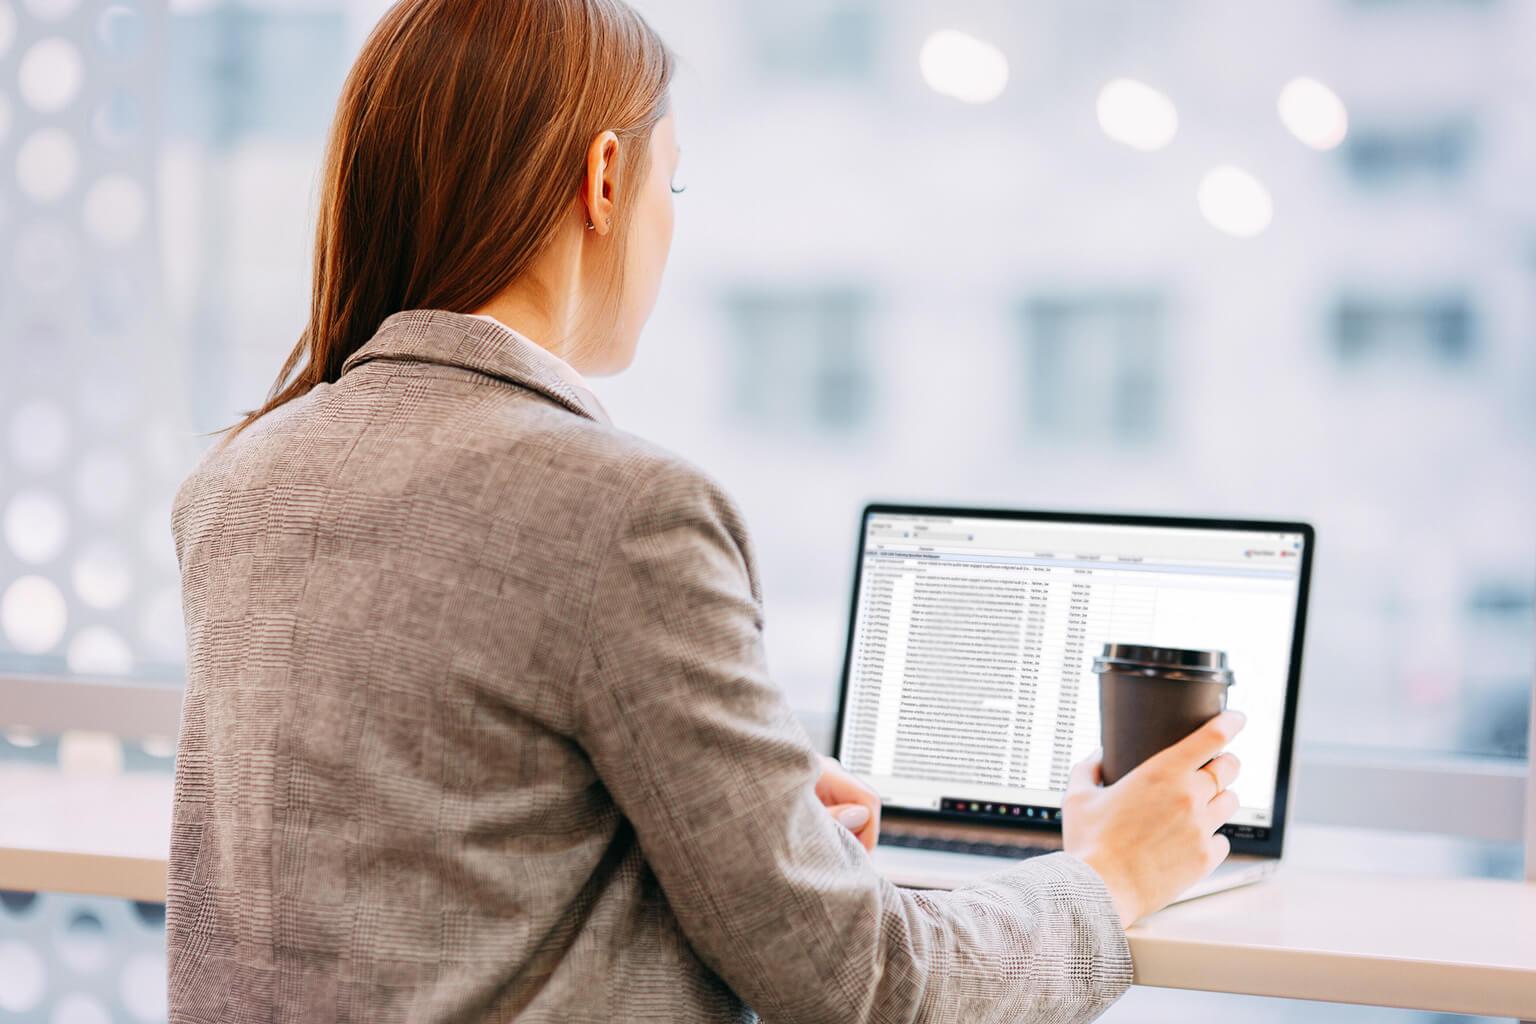 auditor working at laptop